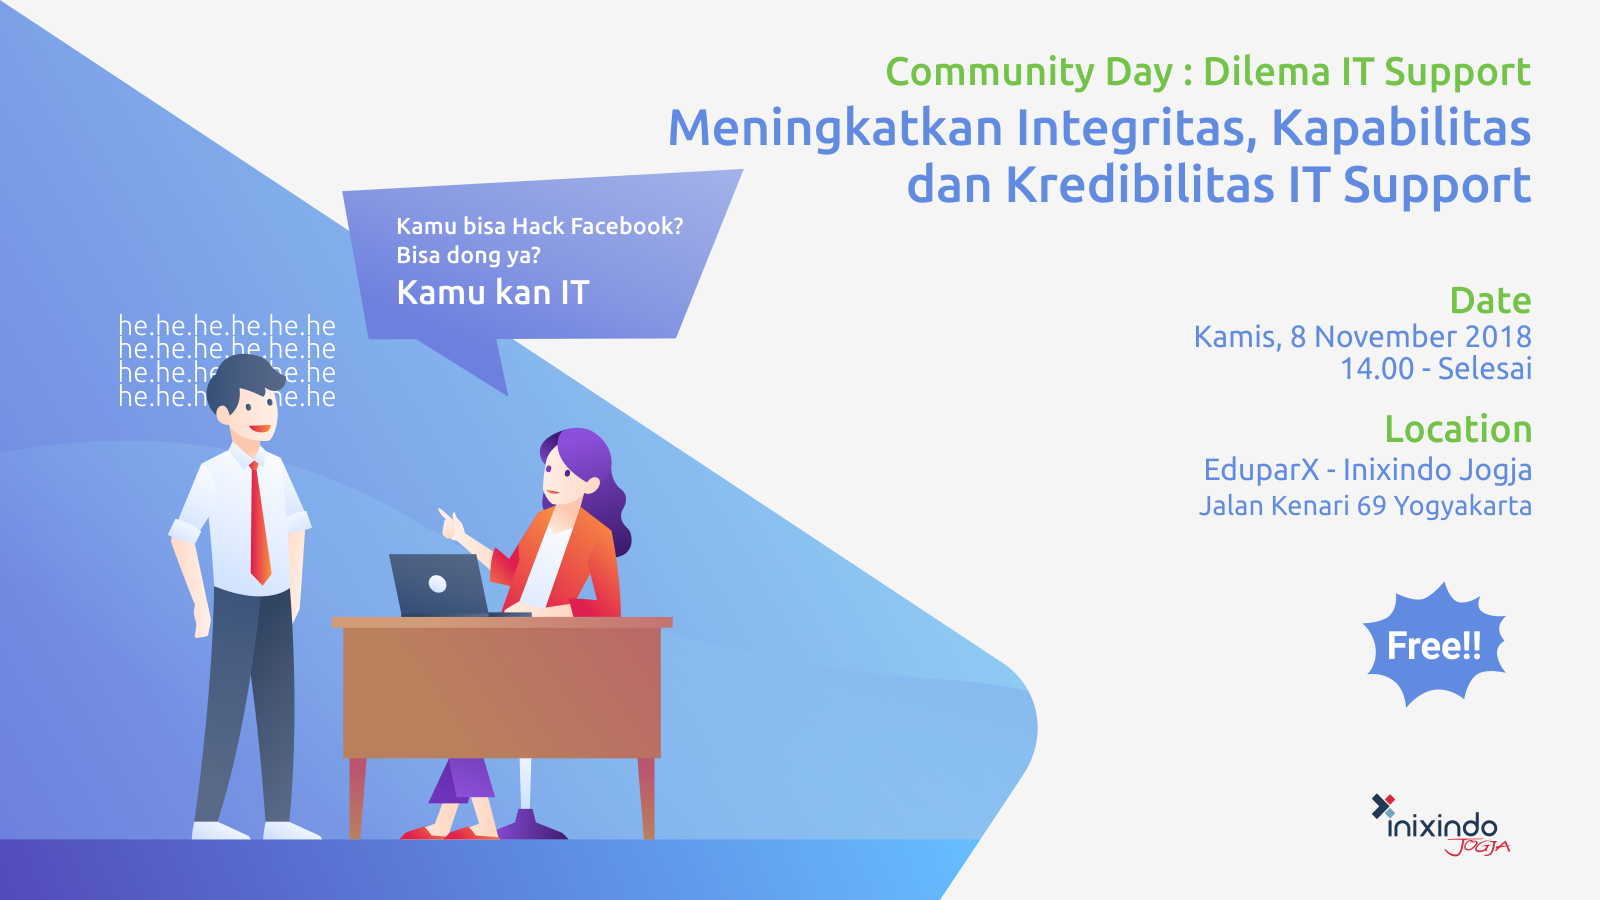 Community Day : Meningkatkan Integritas, Kapabilitas dan Kredibilitas IT Support 1